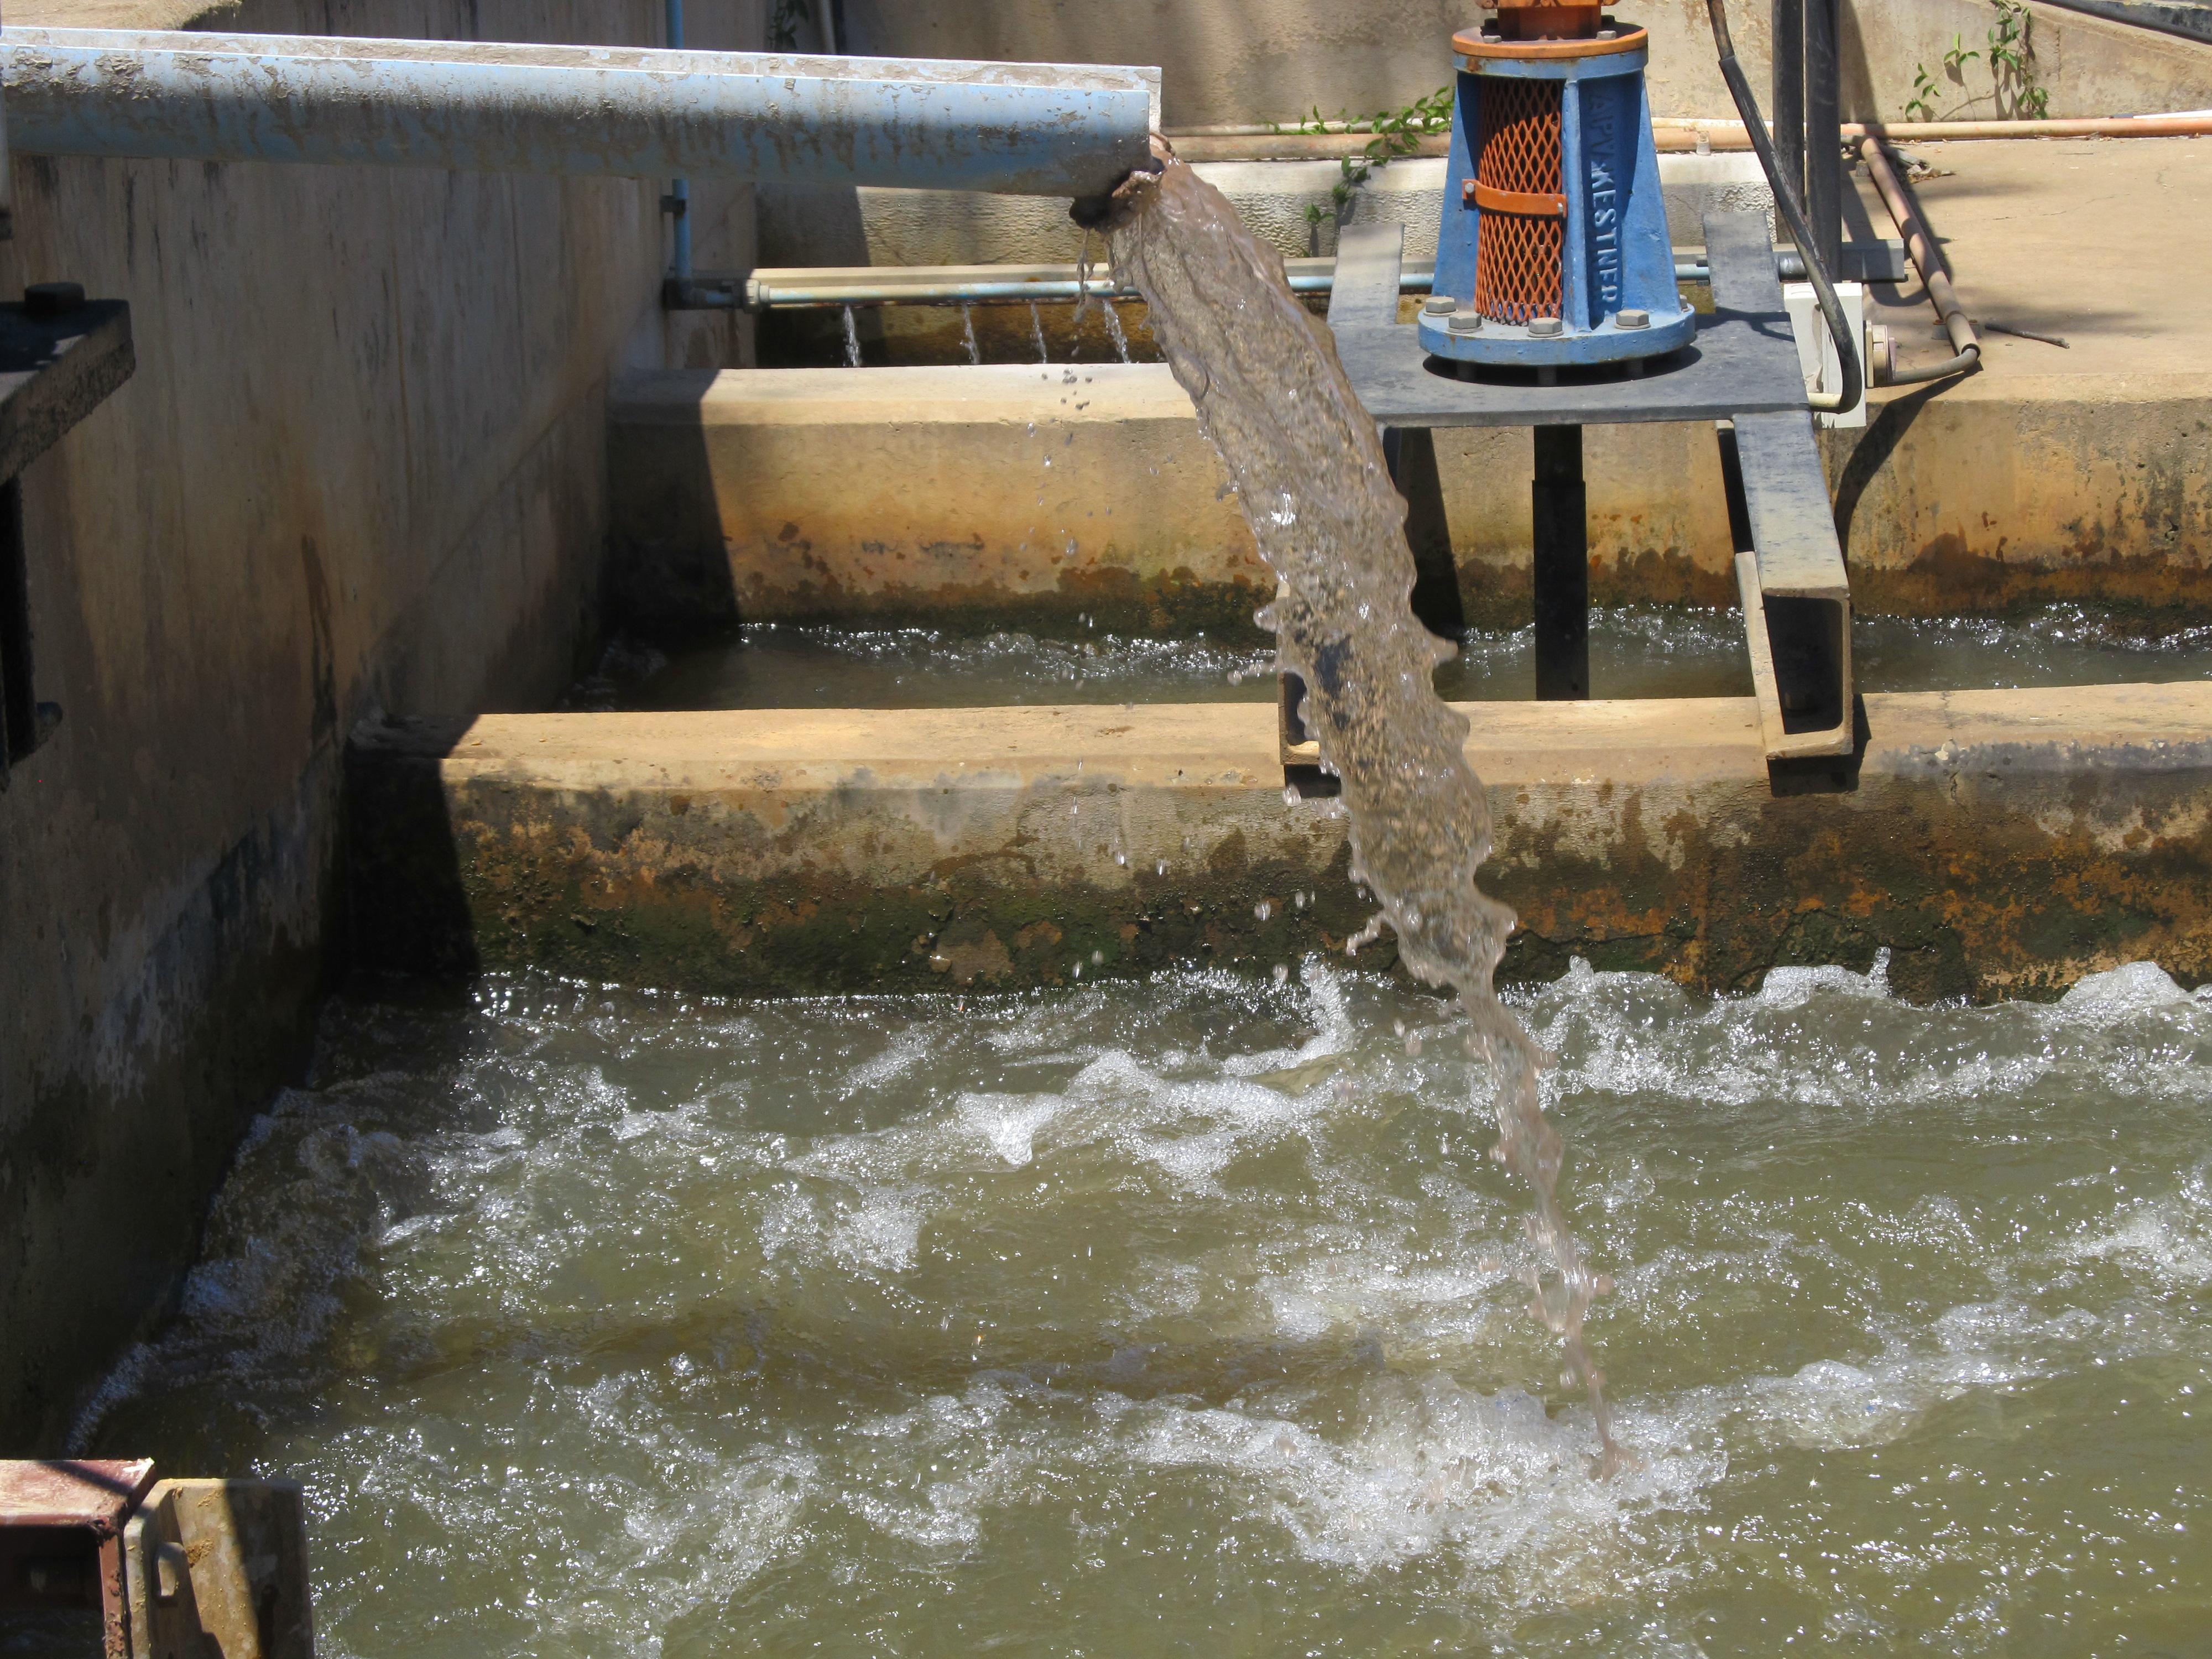 تزايد المقاومة المضادة للميكروبات المرتبطة بتصريف المواد الكيميائية في البيئة تقلق الامم المتحدة